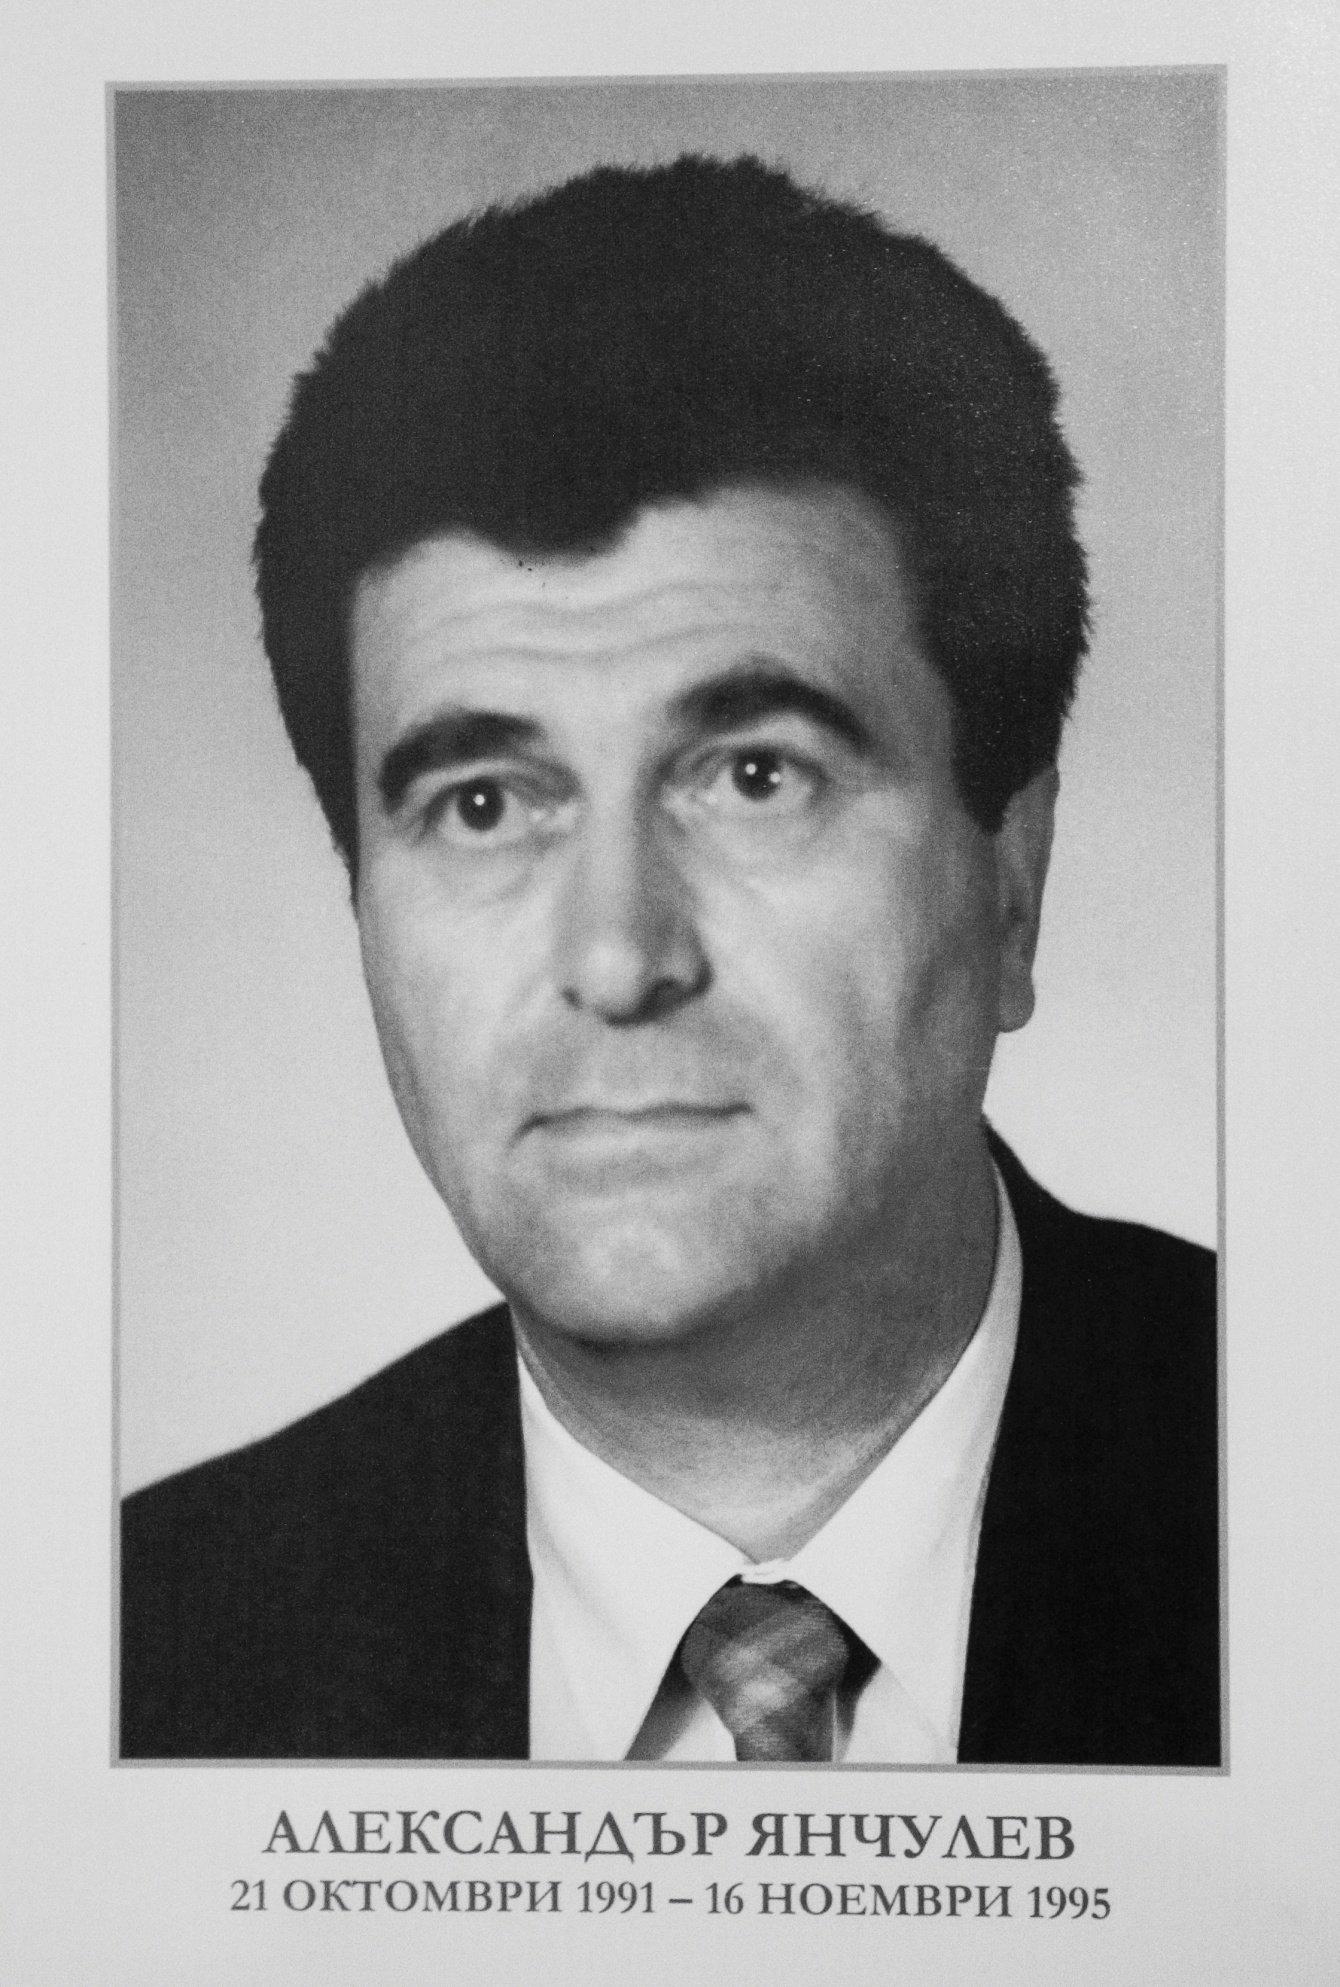 Александър Янчулев